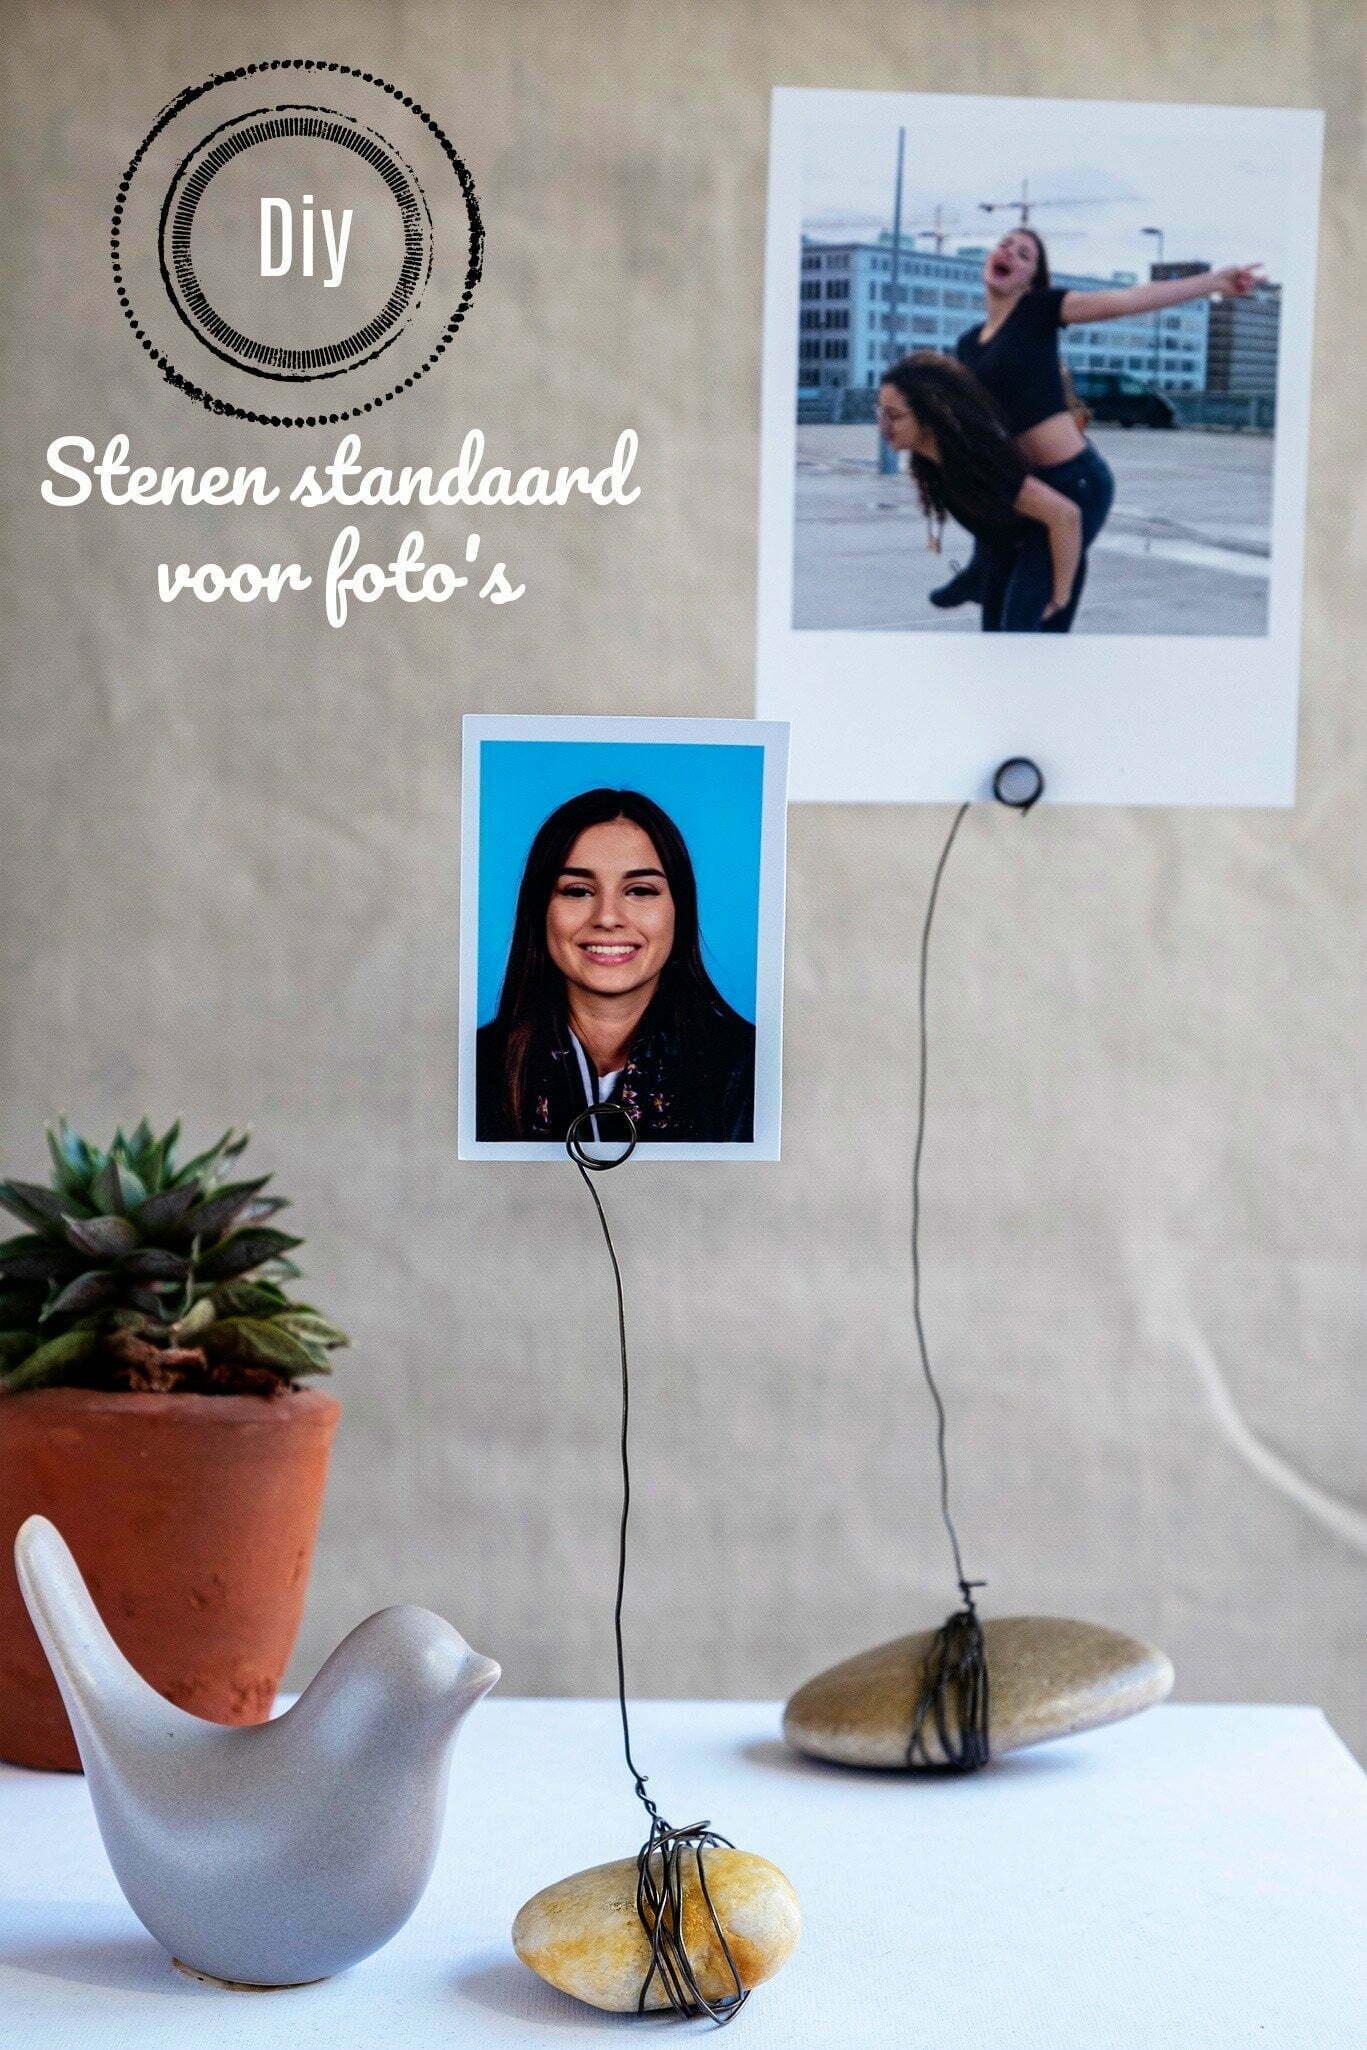 Pin: Stenen standaard voor foto's